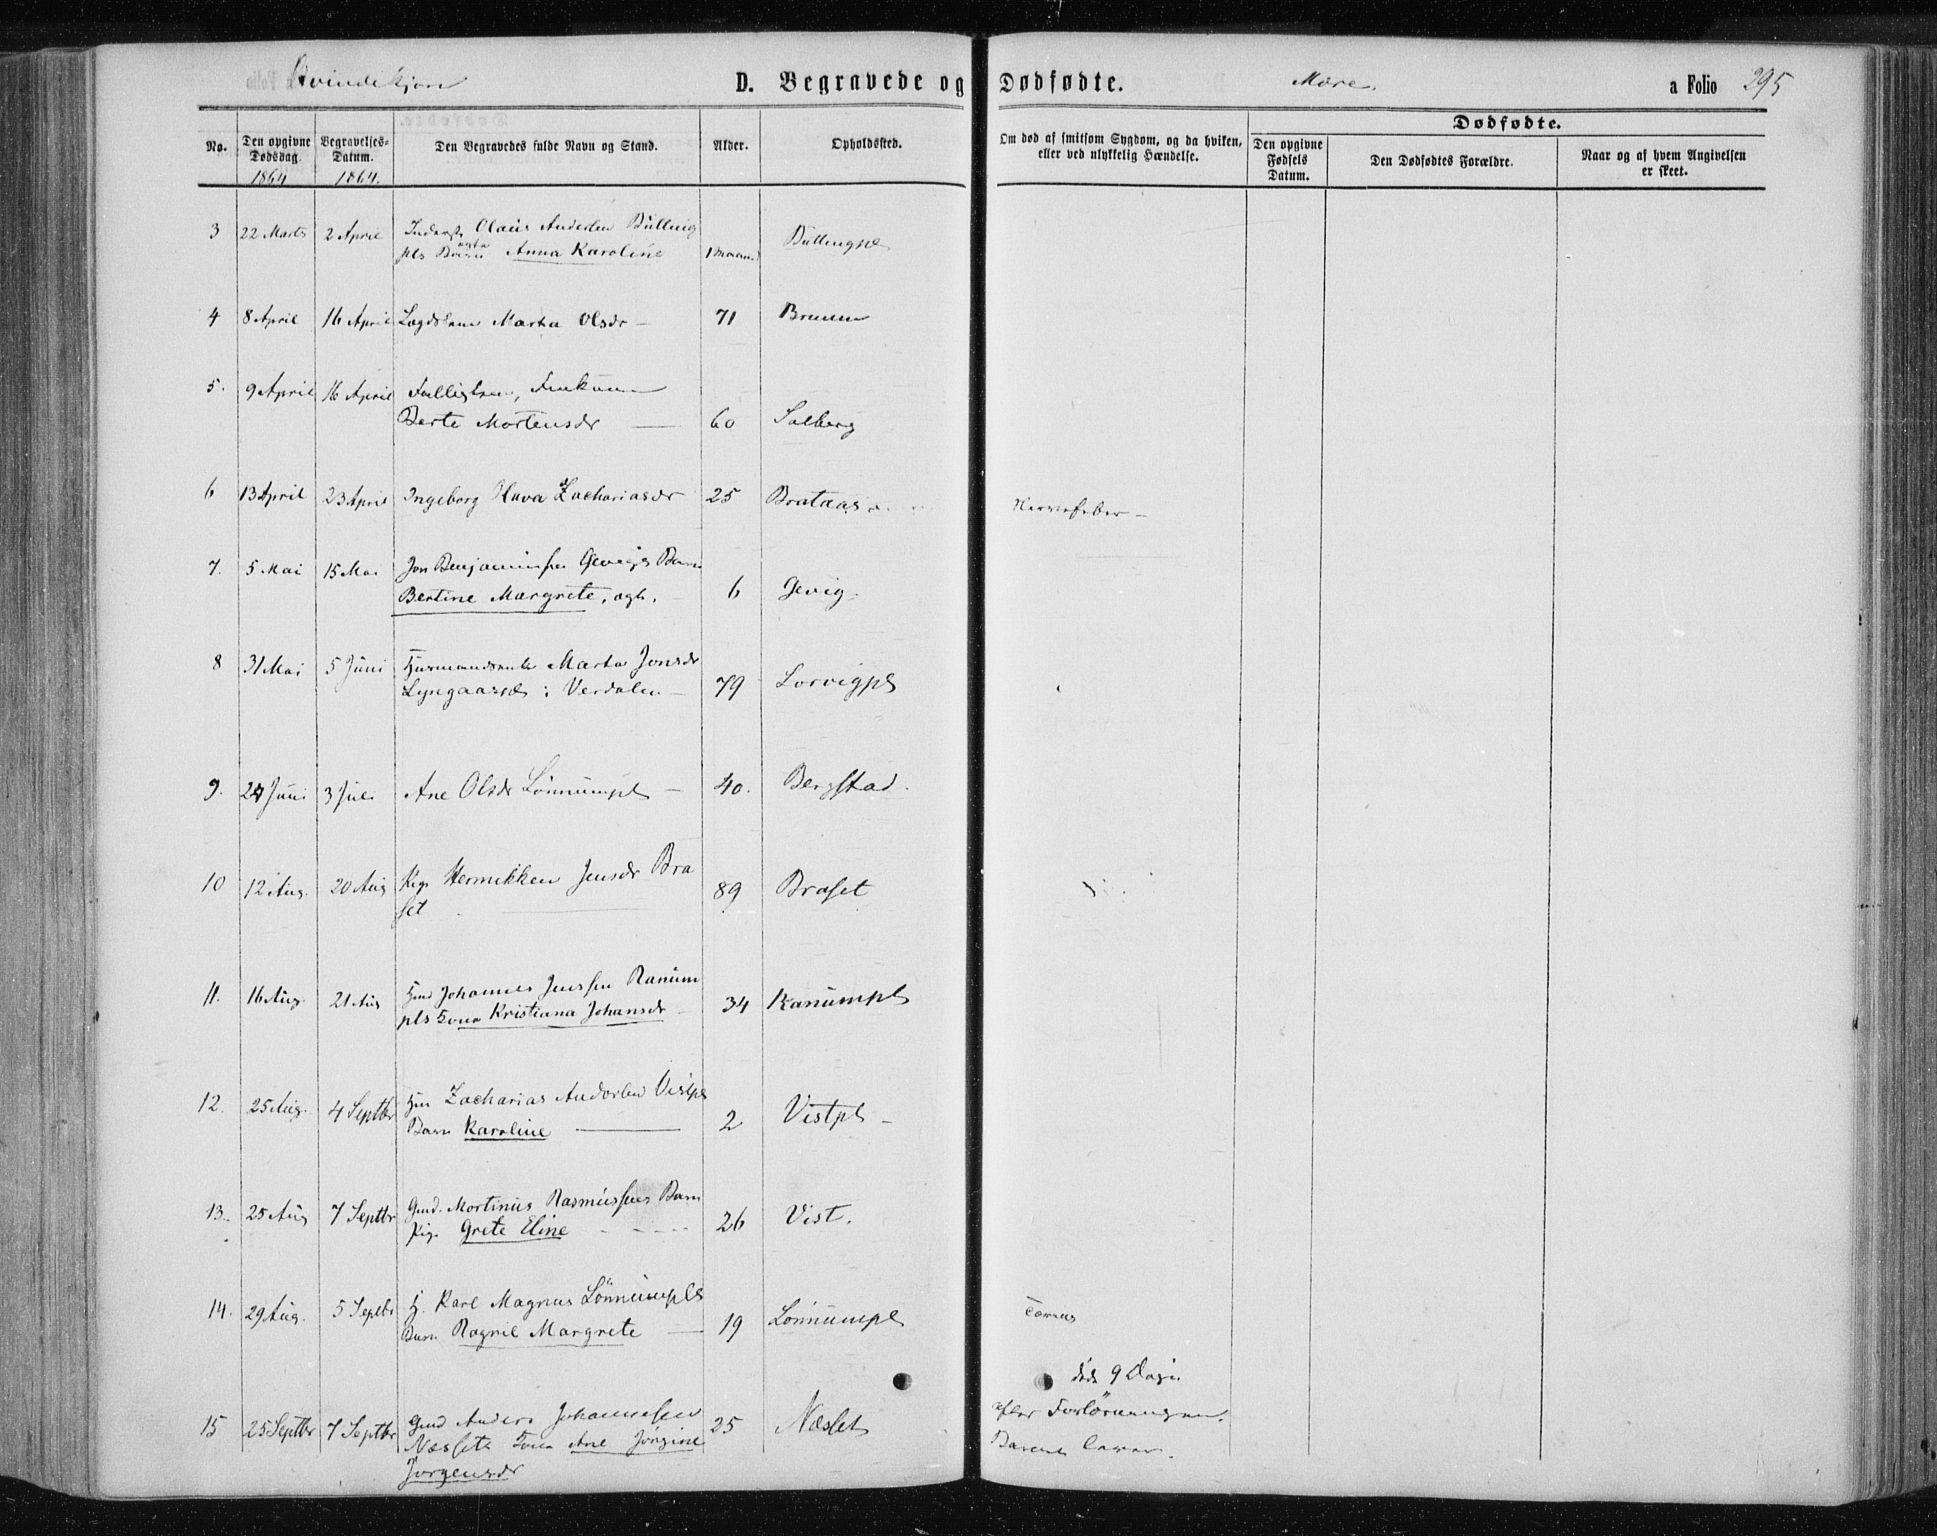 SAT, Ministerialprotokoller, klokkerbøker og fødselsregistre - Nord-Trøndelag, 735/L0345: Ministerialbok nr. 735A08 /1, 1863-1872, s. 295